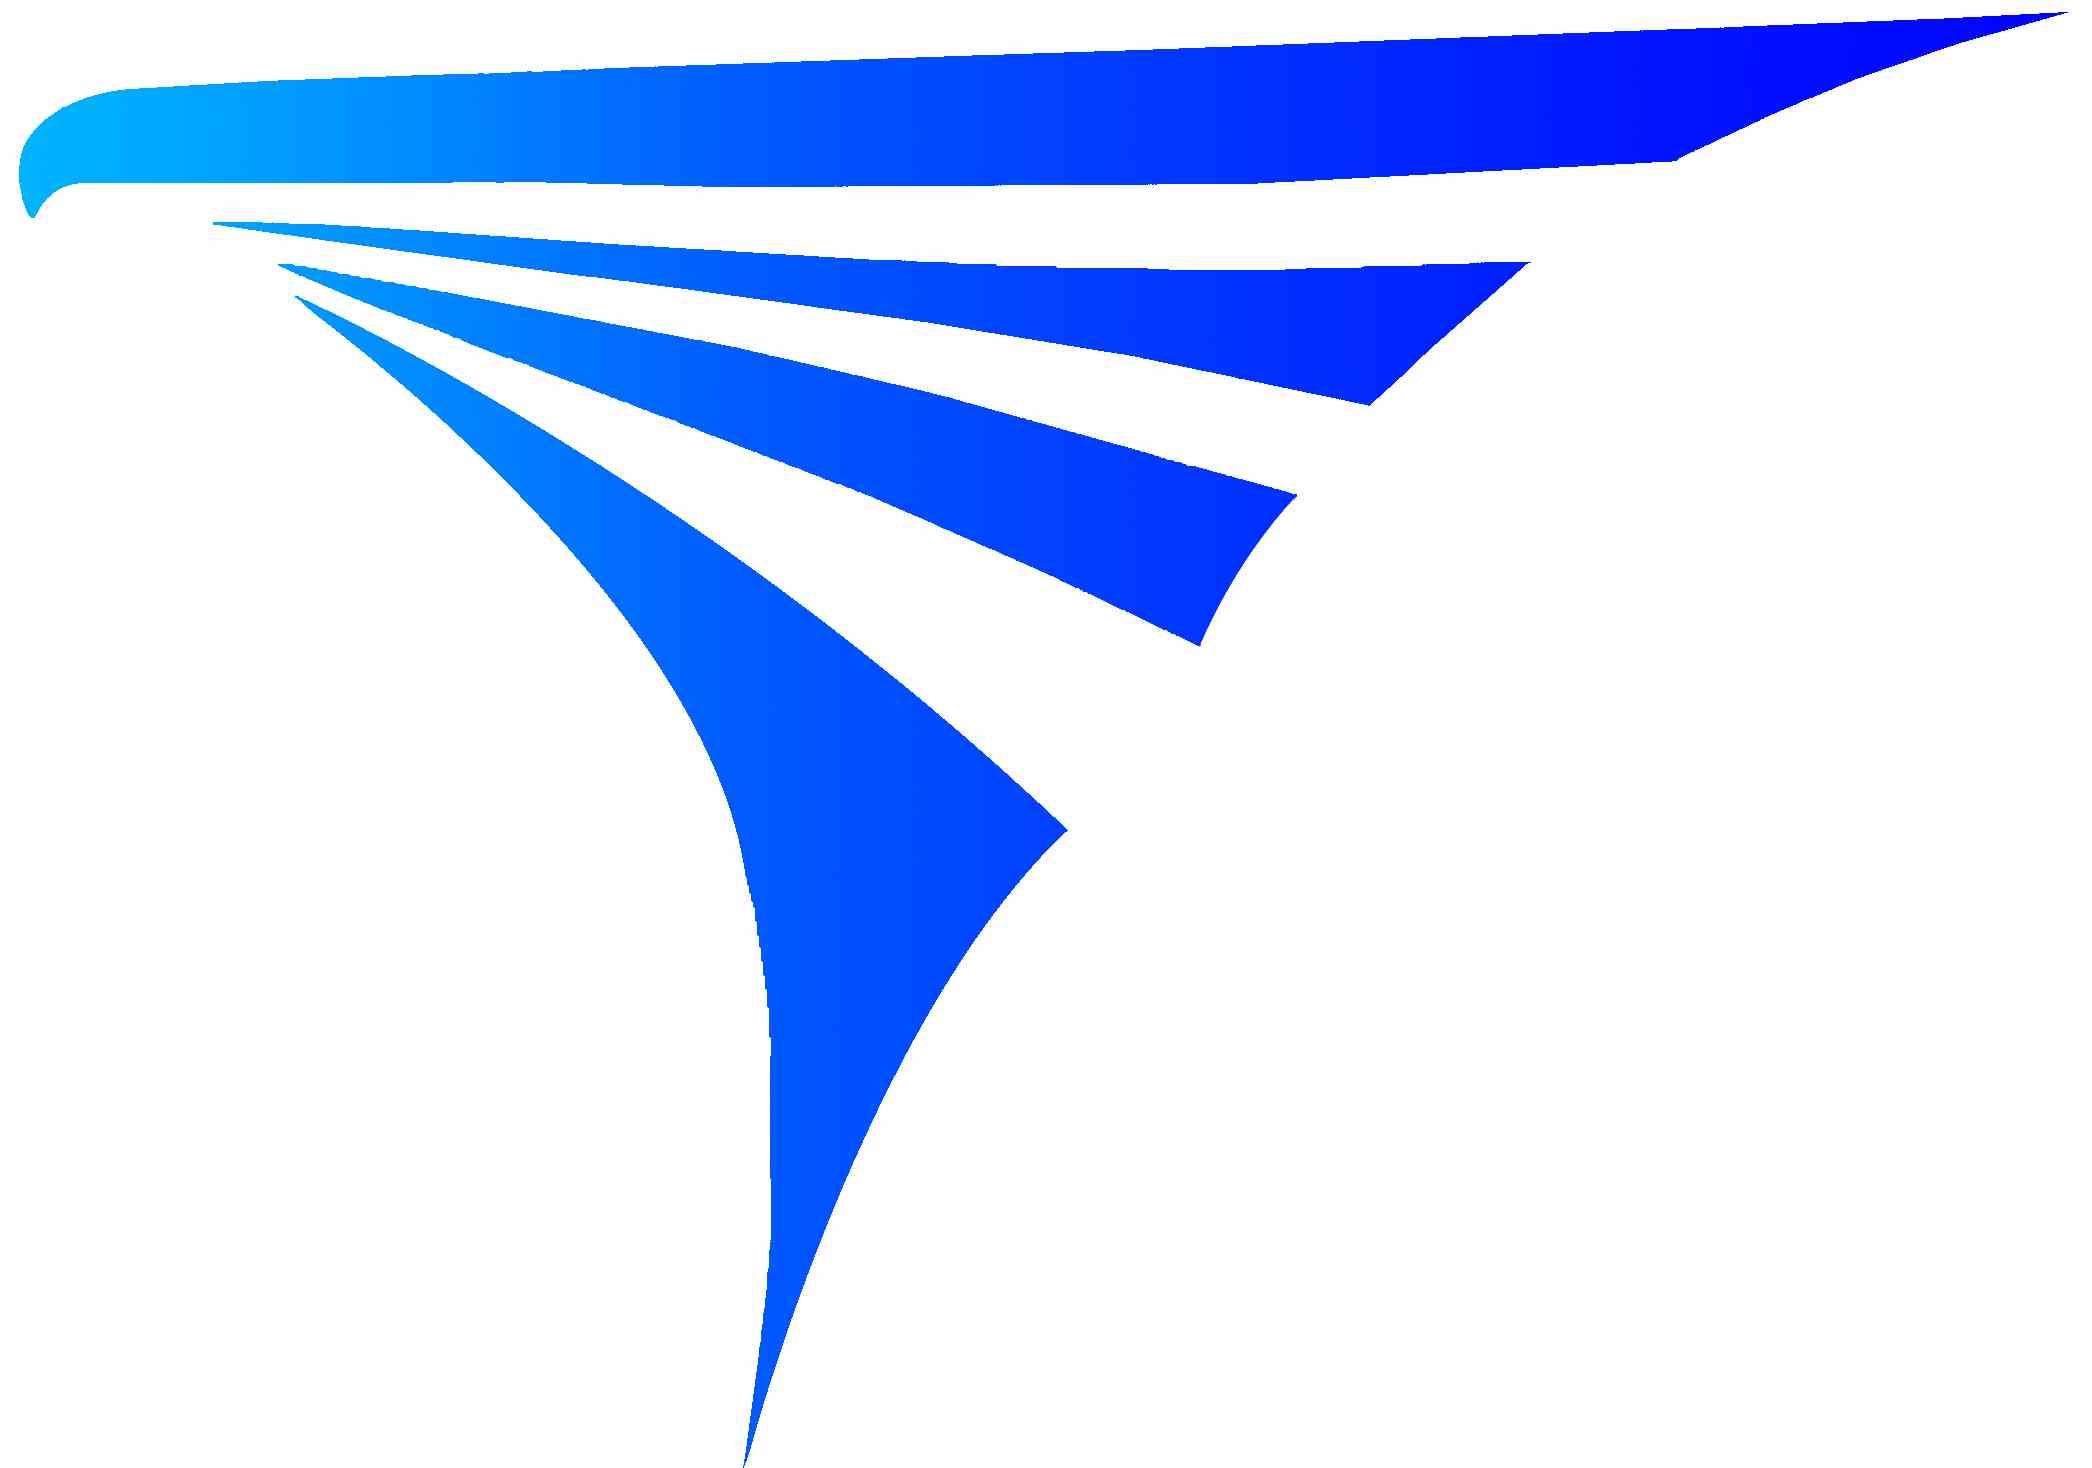 青岛鹏腾国际经济技术合作有限公司